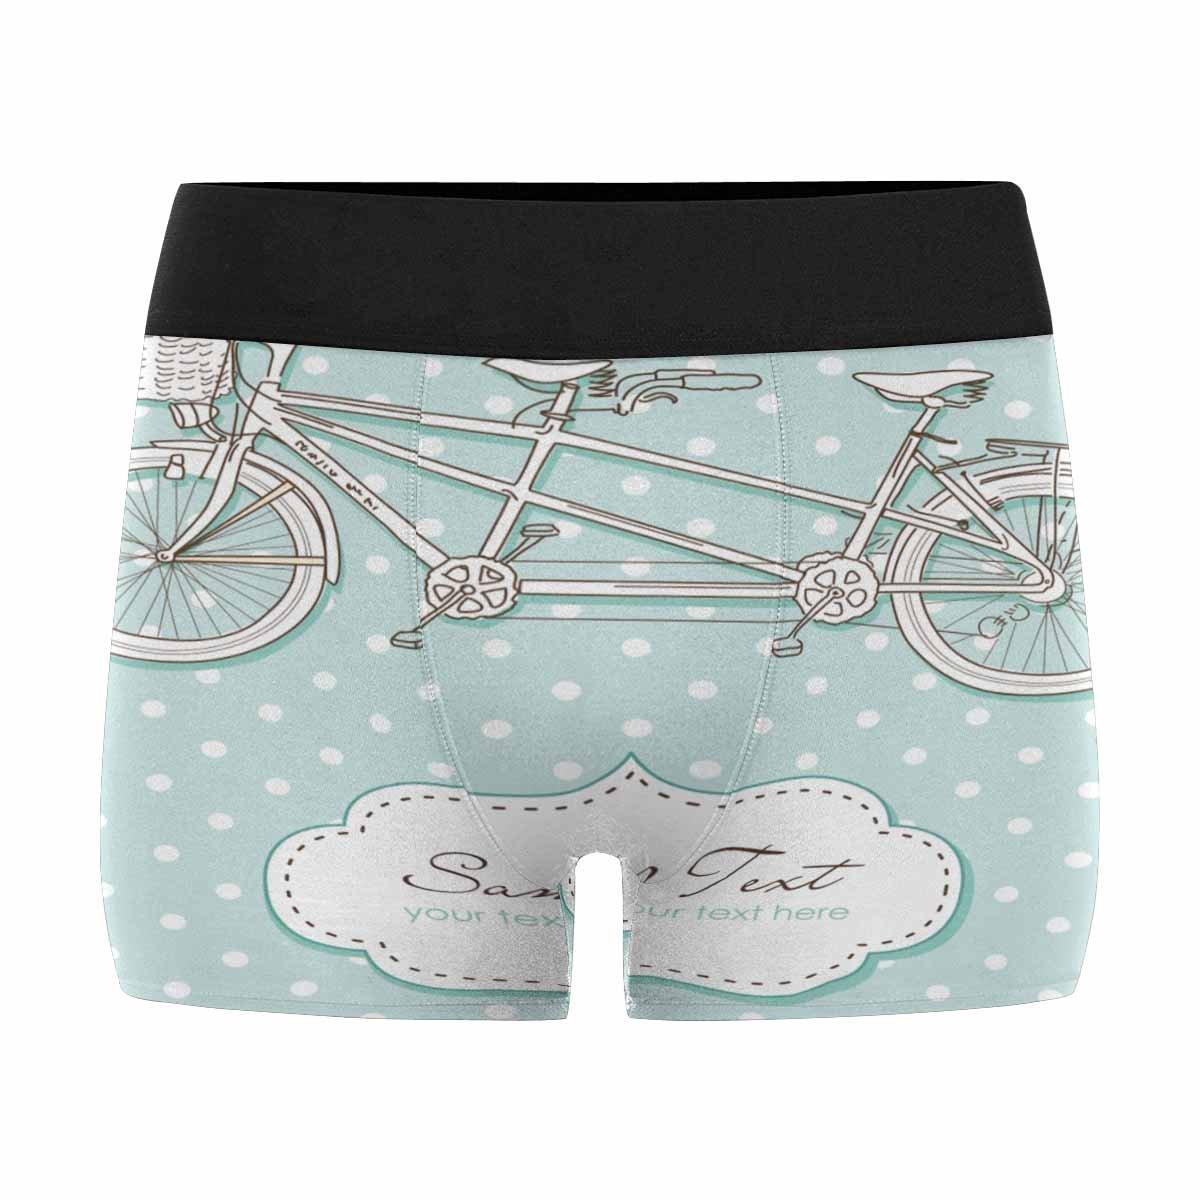 InterestPrint Mens Boxer Briefs Underwear Tandem Bicycle Wedding Invitation with Polka Dot XXXL